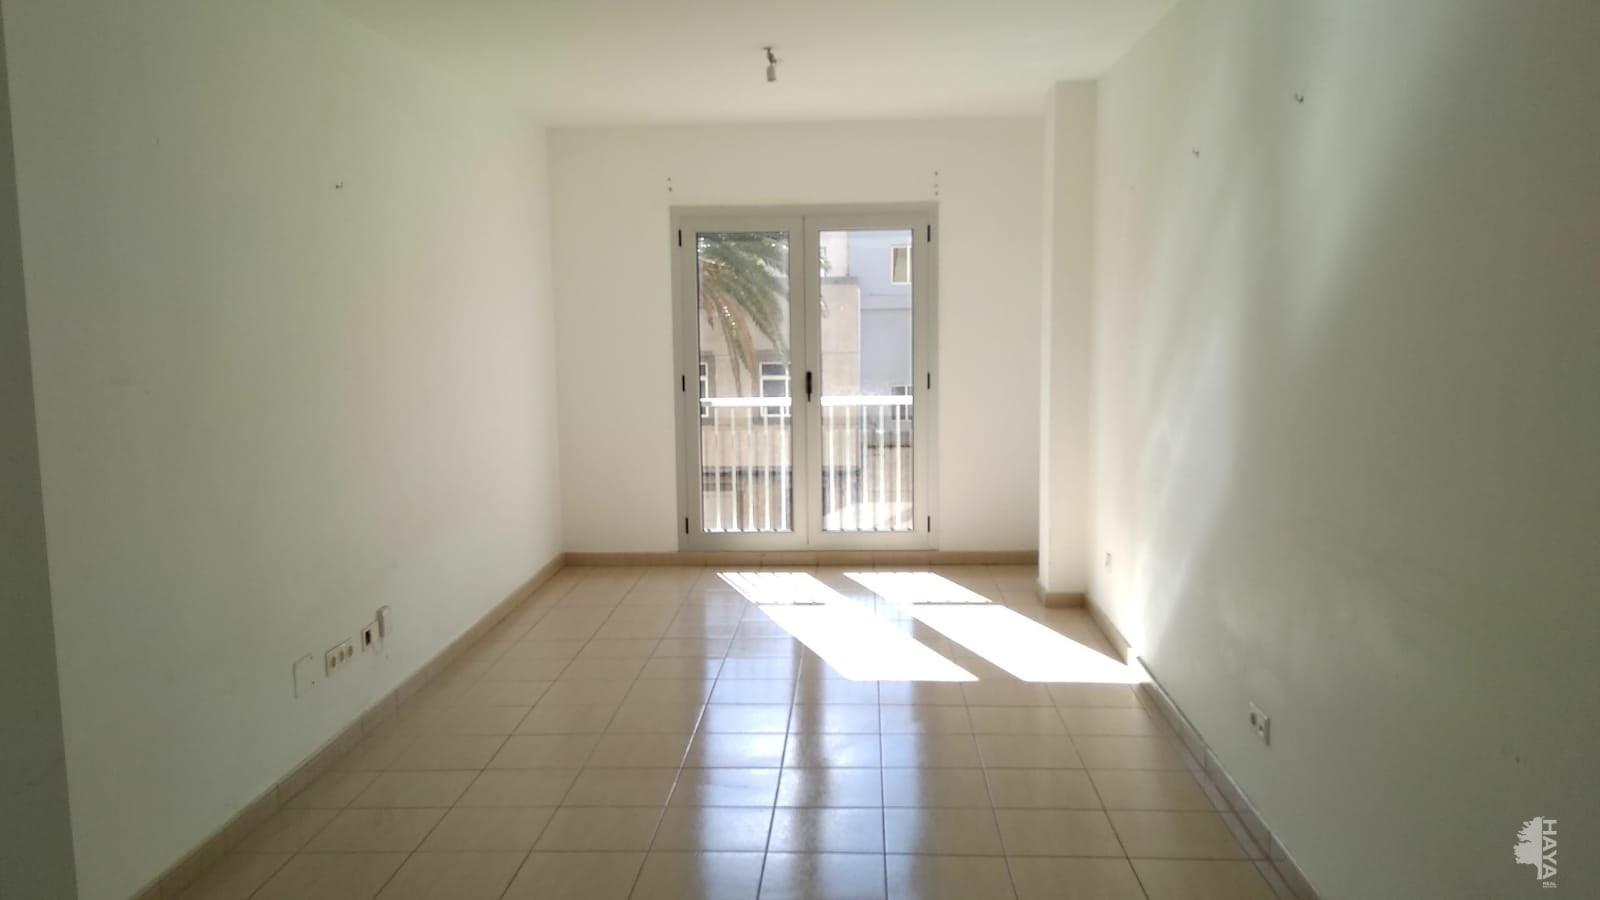 Piso en venta en Santa Lucía de Tirajana, Las Palmas, Calle Delicias, 81.000 €, 3 habitaciones, 1 baño, 103 m2